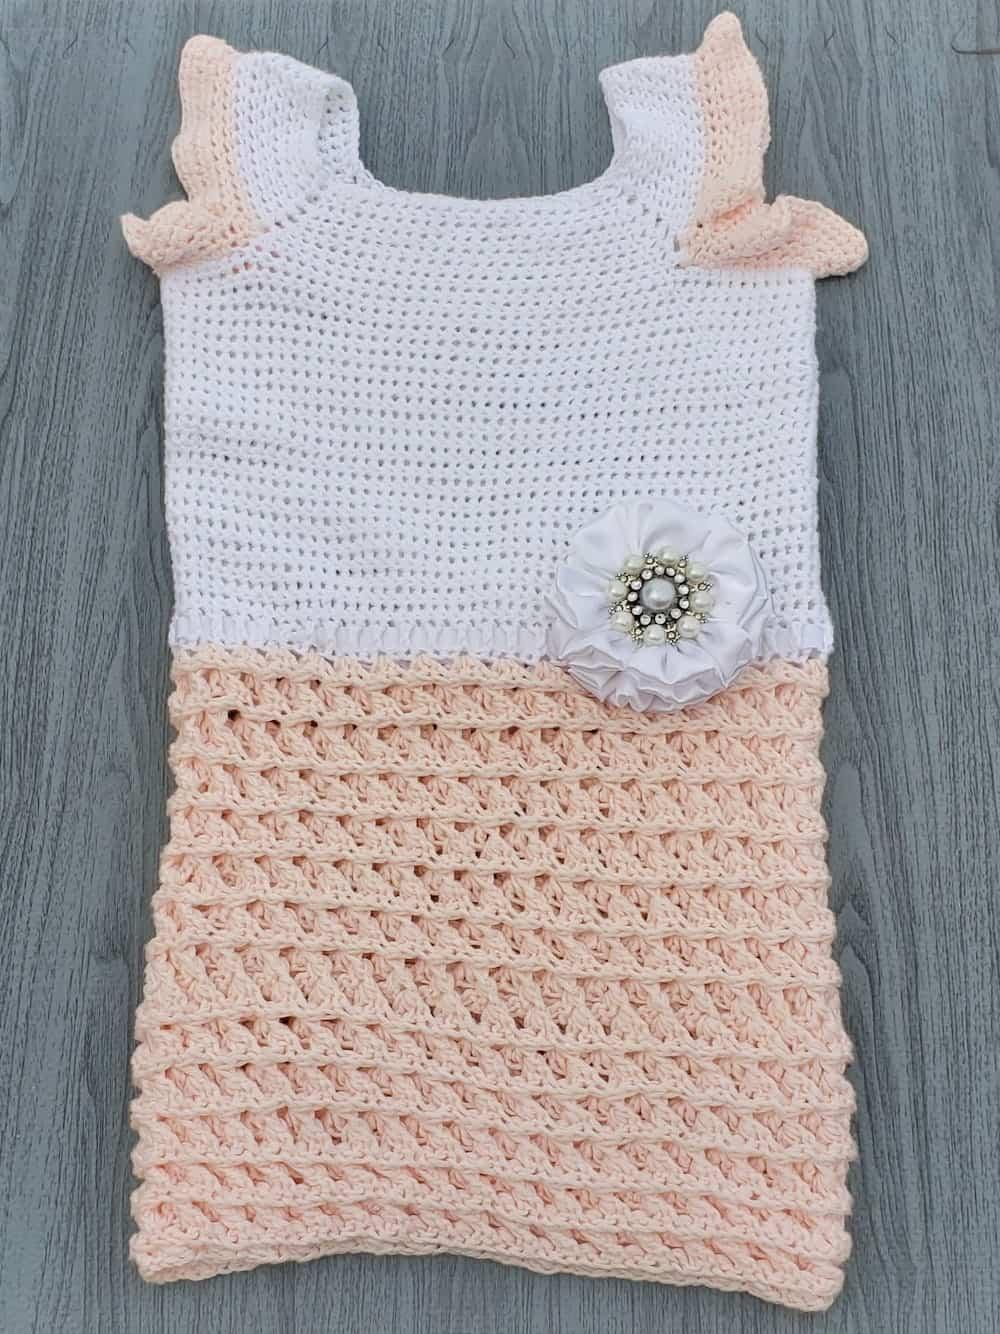 SSA 1 Crochet Princess Dress